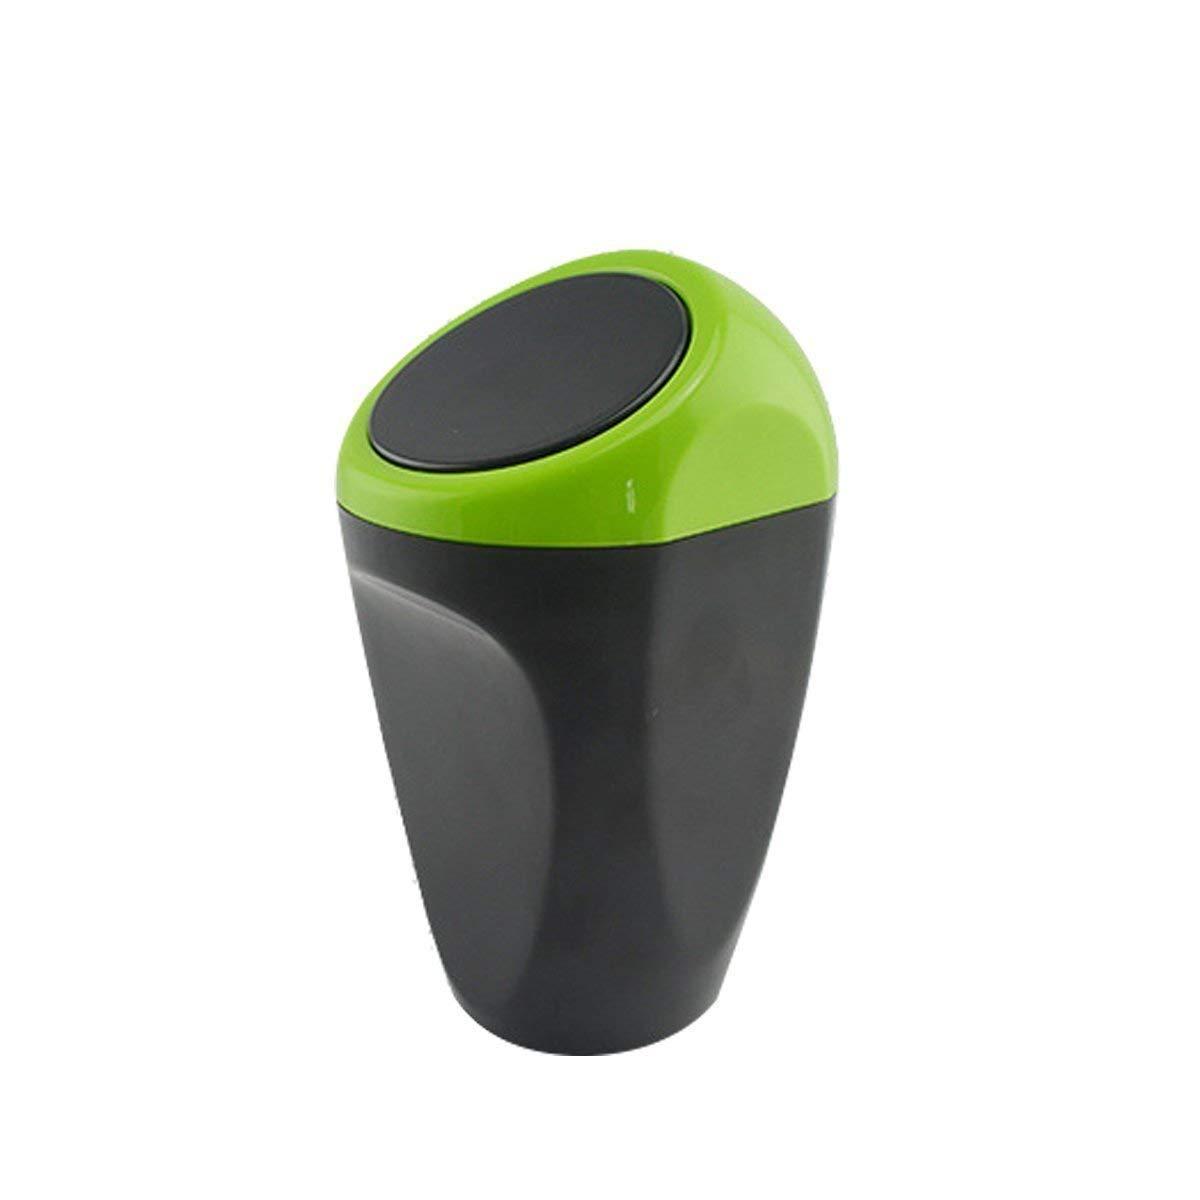 plastica Home Auto cestino spazzatura Cucina deposito bidoni forniture automobilistiche (verde) CHINA